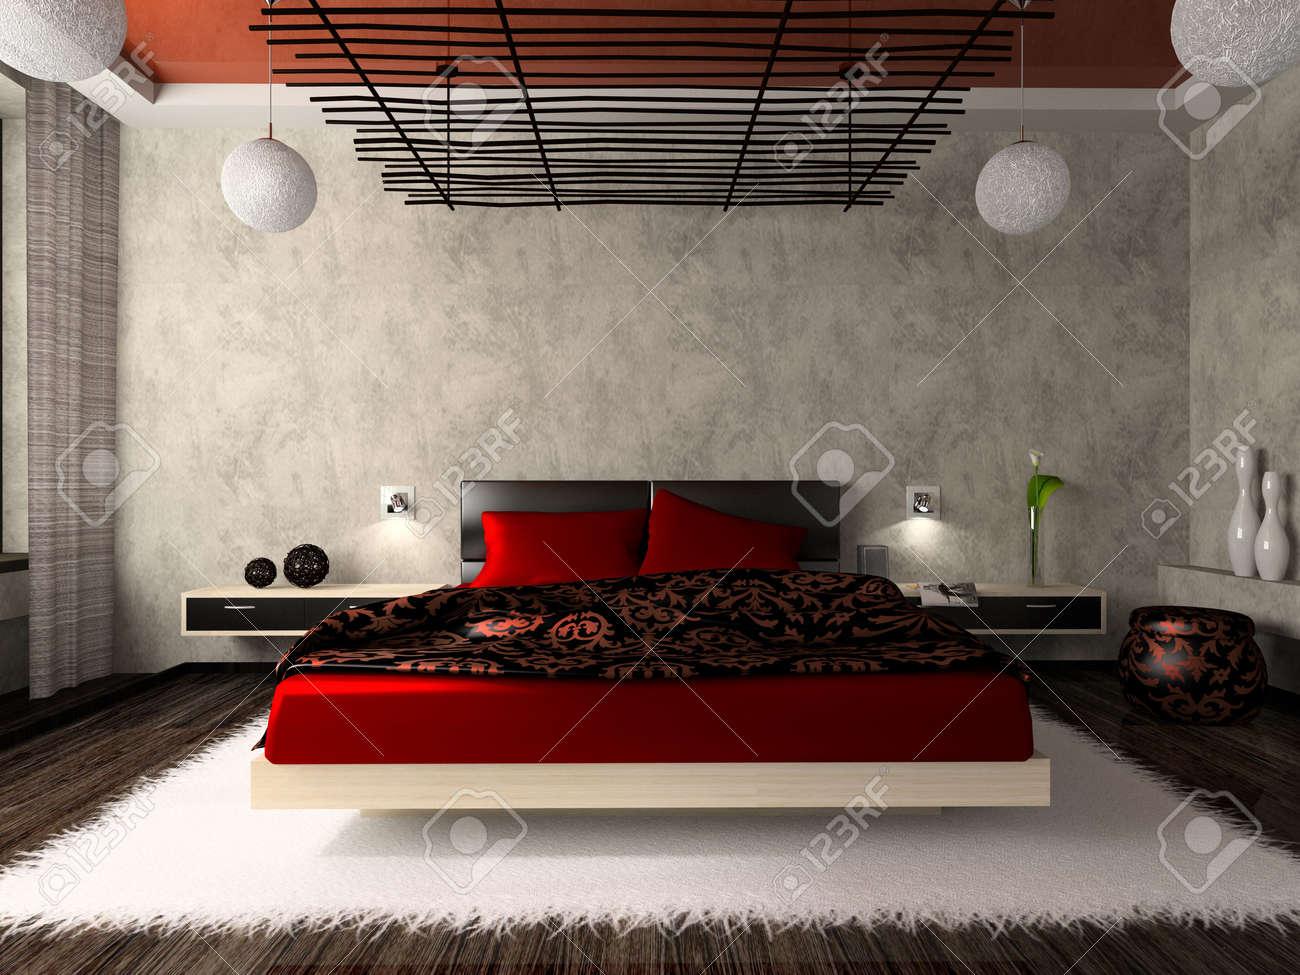 Luxuriöse Schlafzimmer In Rot 3D-Rendering Lizenzfreie Fotos, Bilder ...